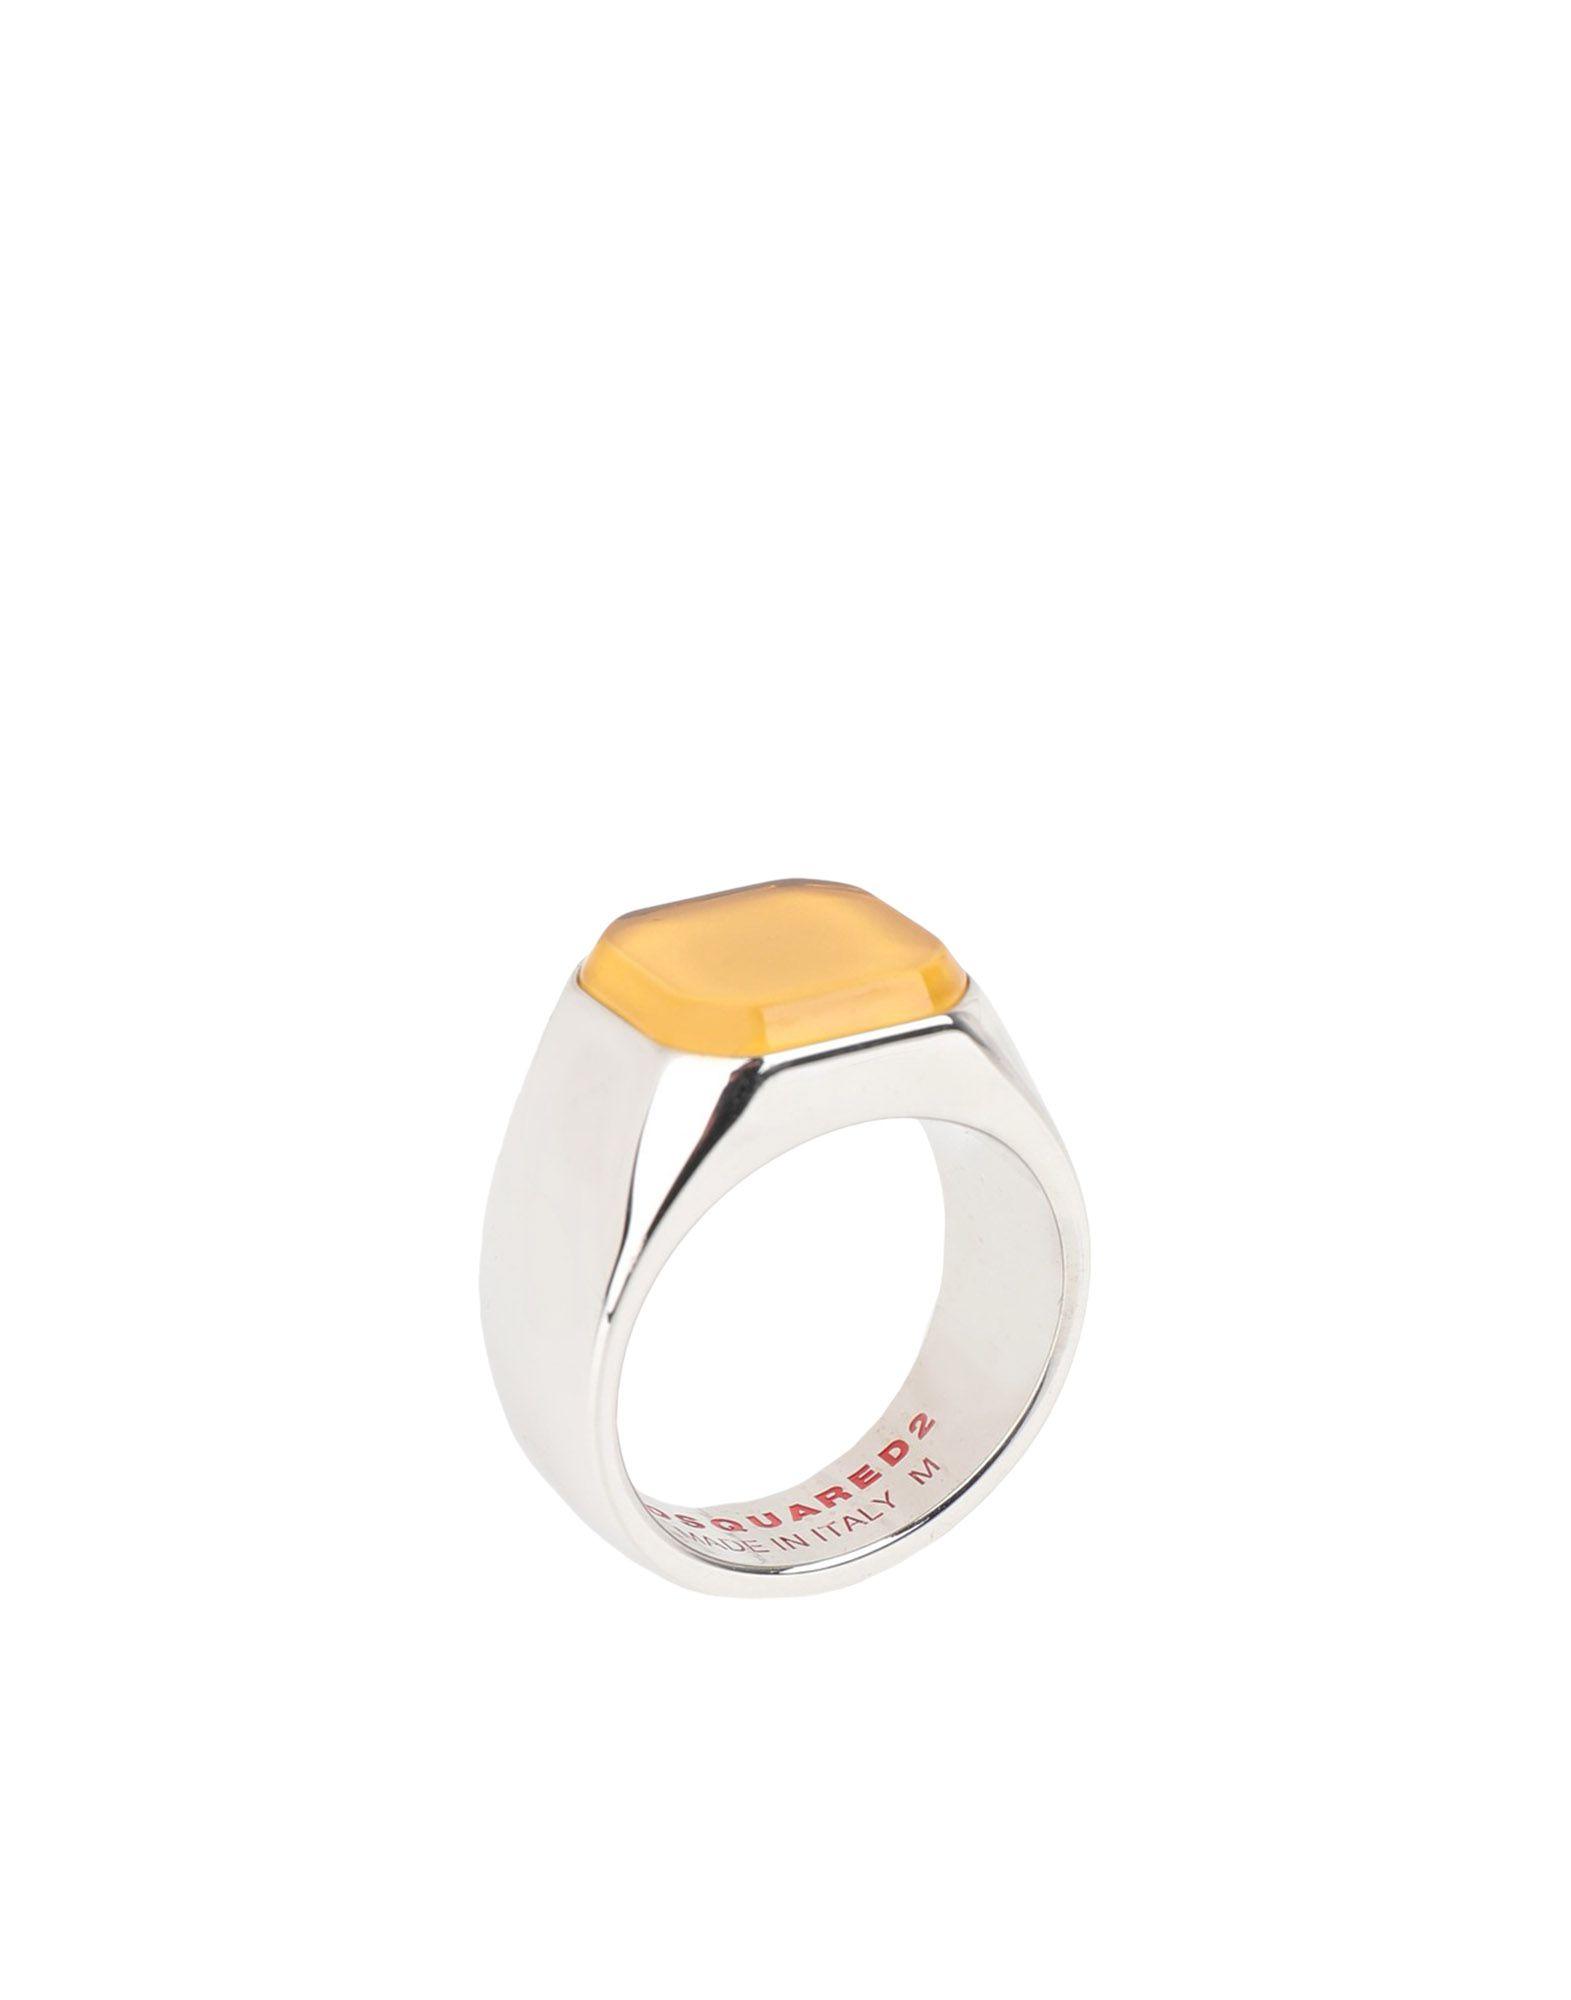 《送料無料》DSQUARED2 メンズ 指輪 イエロー M 真鍮/ブラス 90% / スチール 10%